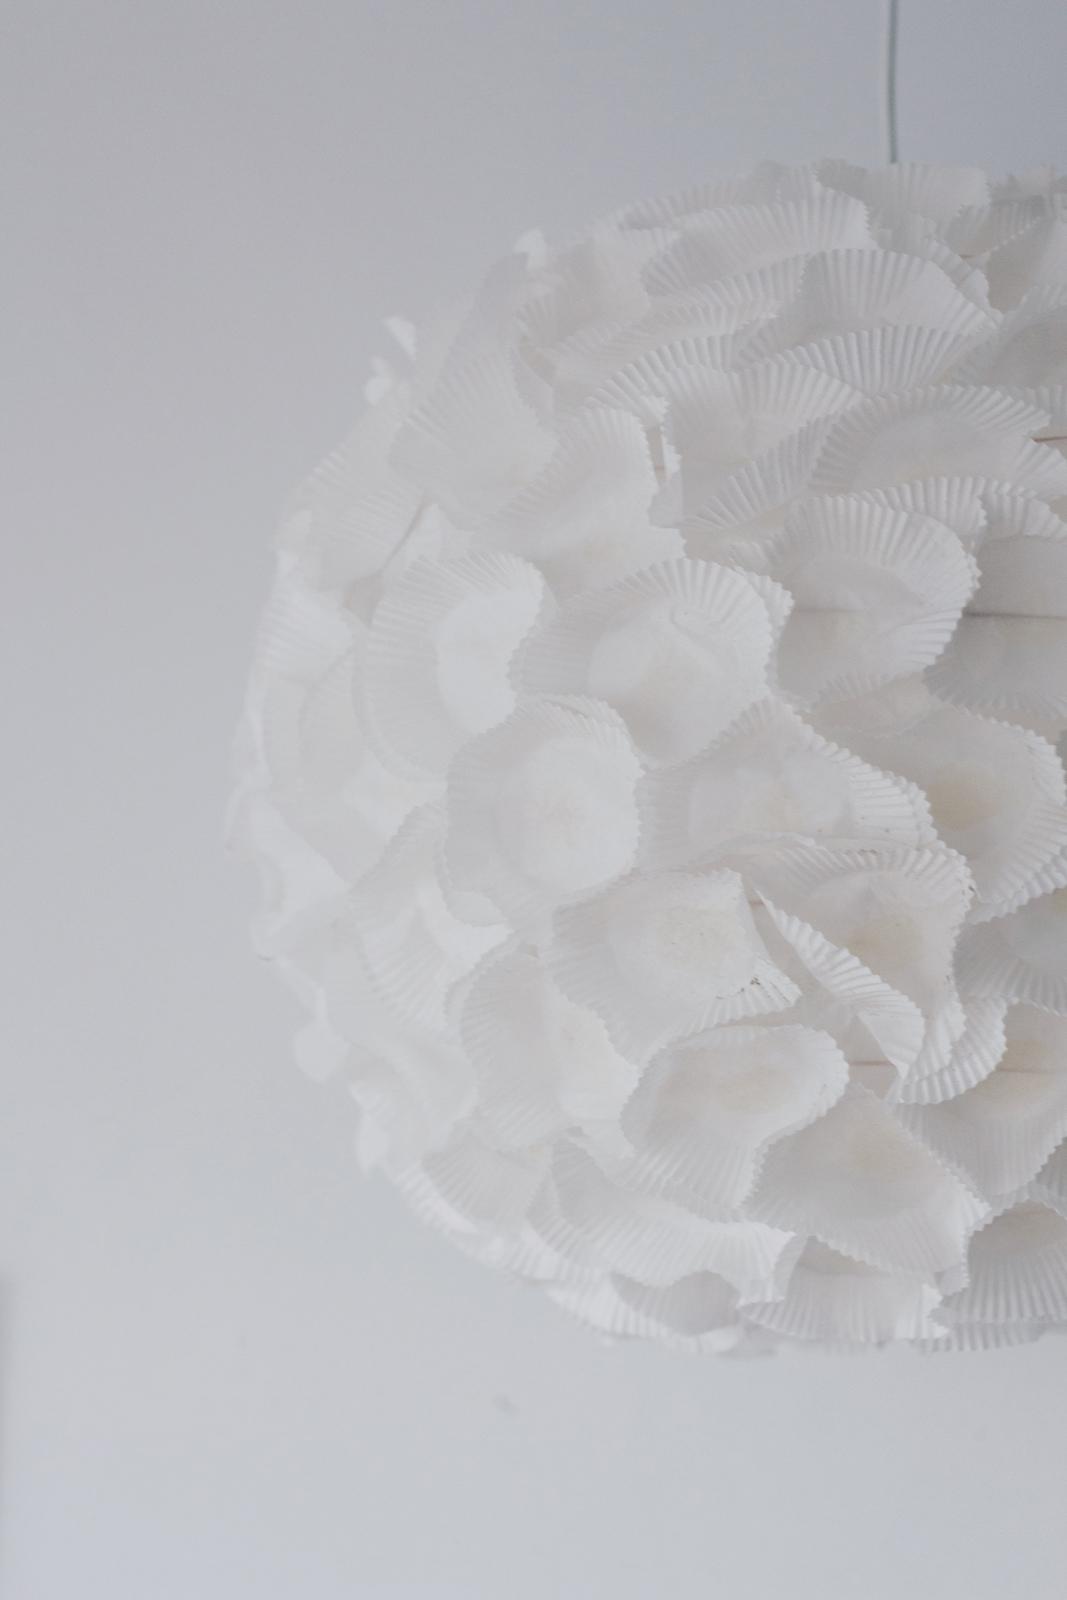 Full Size of Ikea Hack Deckenlampe Aus Muffinfrmchen Interir Diy Do It Küche Kosten Betten 160x200 Deckenlampen Für Wohnzimmer Modern Bad Schlafzimmer Miniküche Wohnzimmer Ikea Deckenlampe